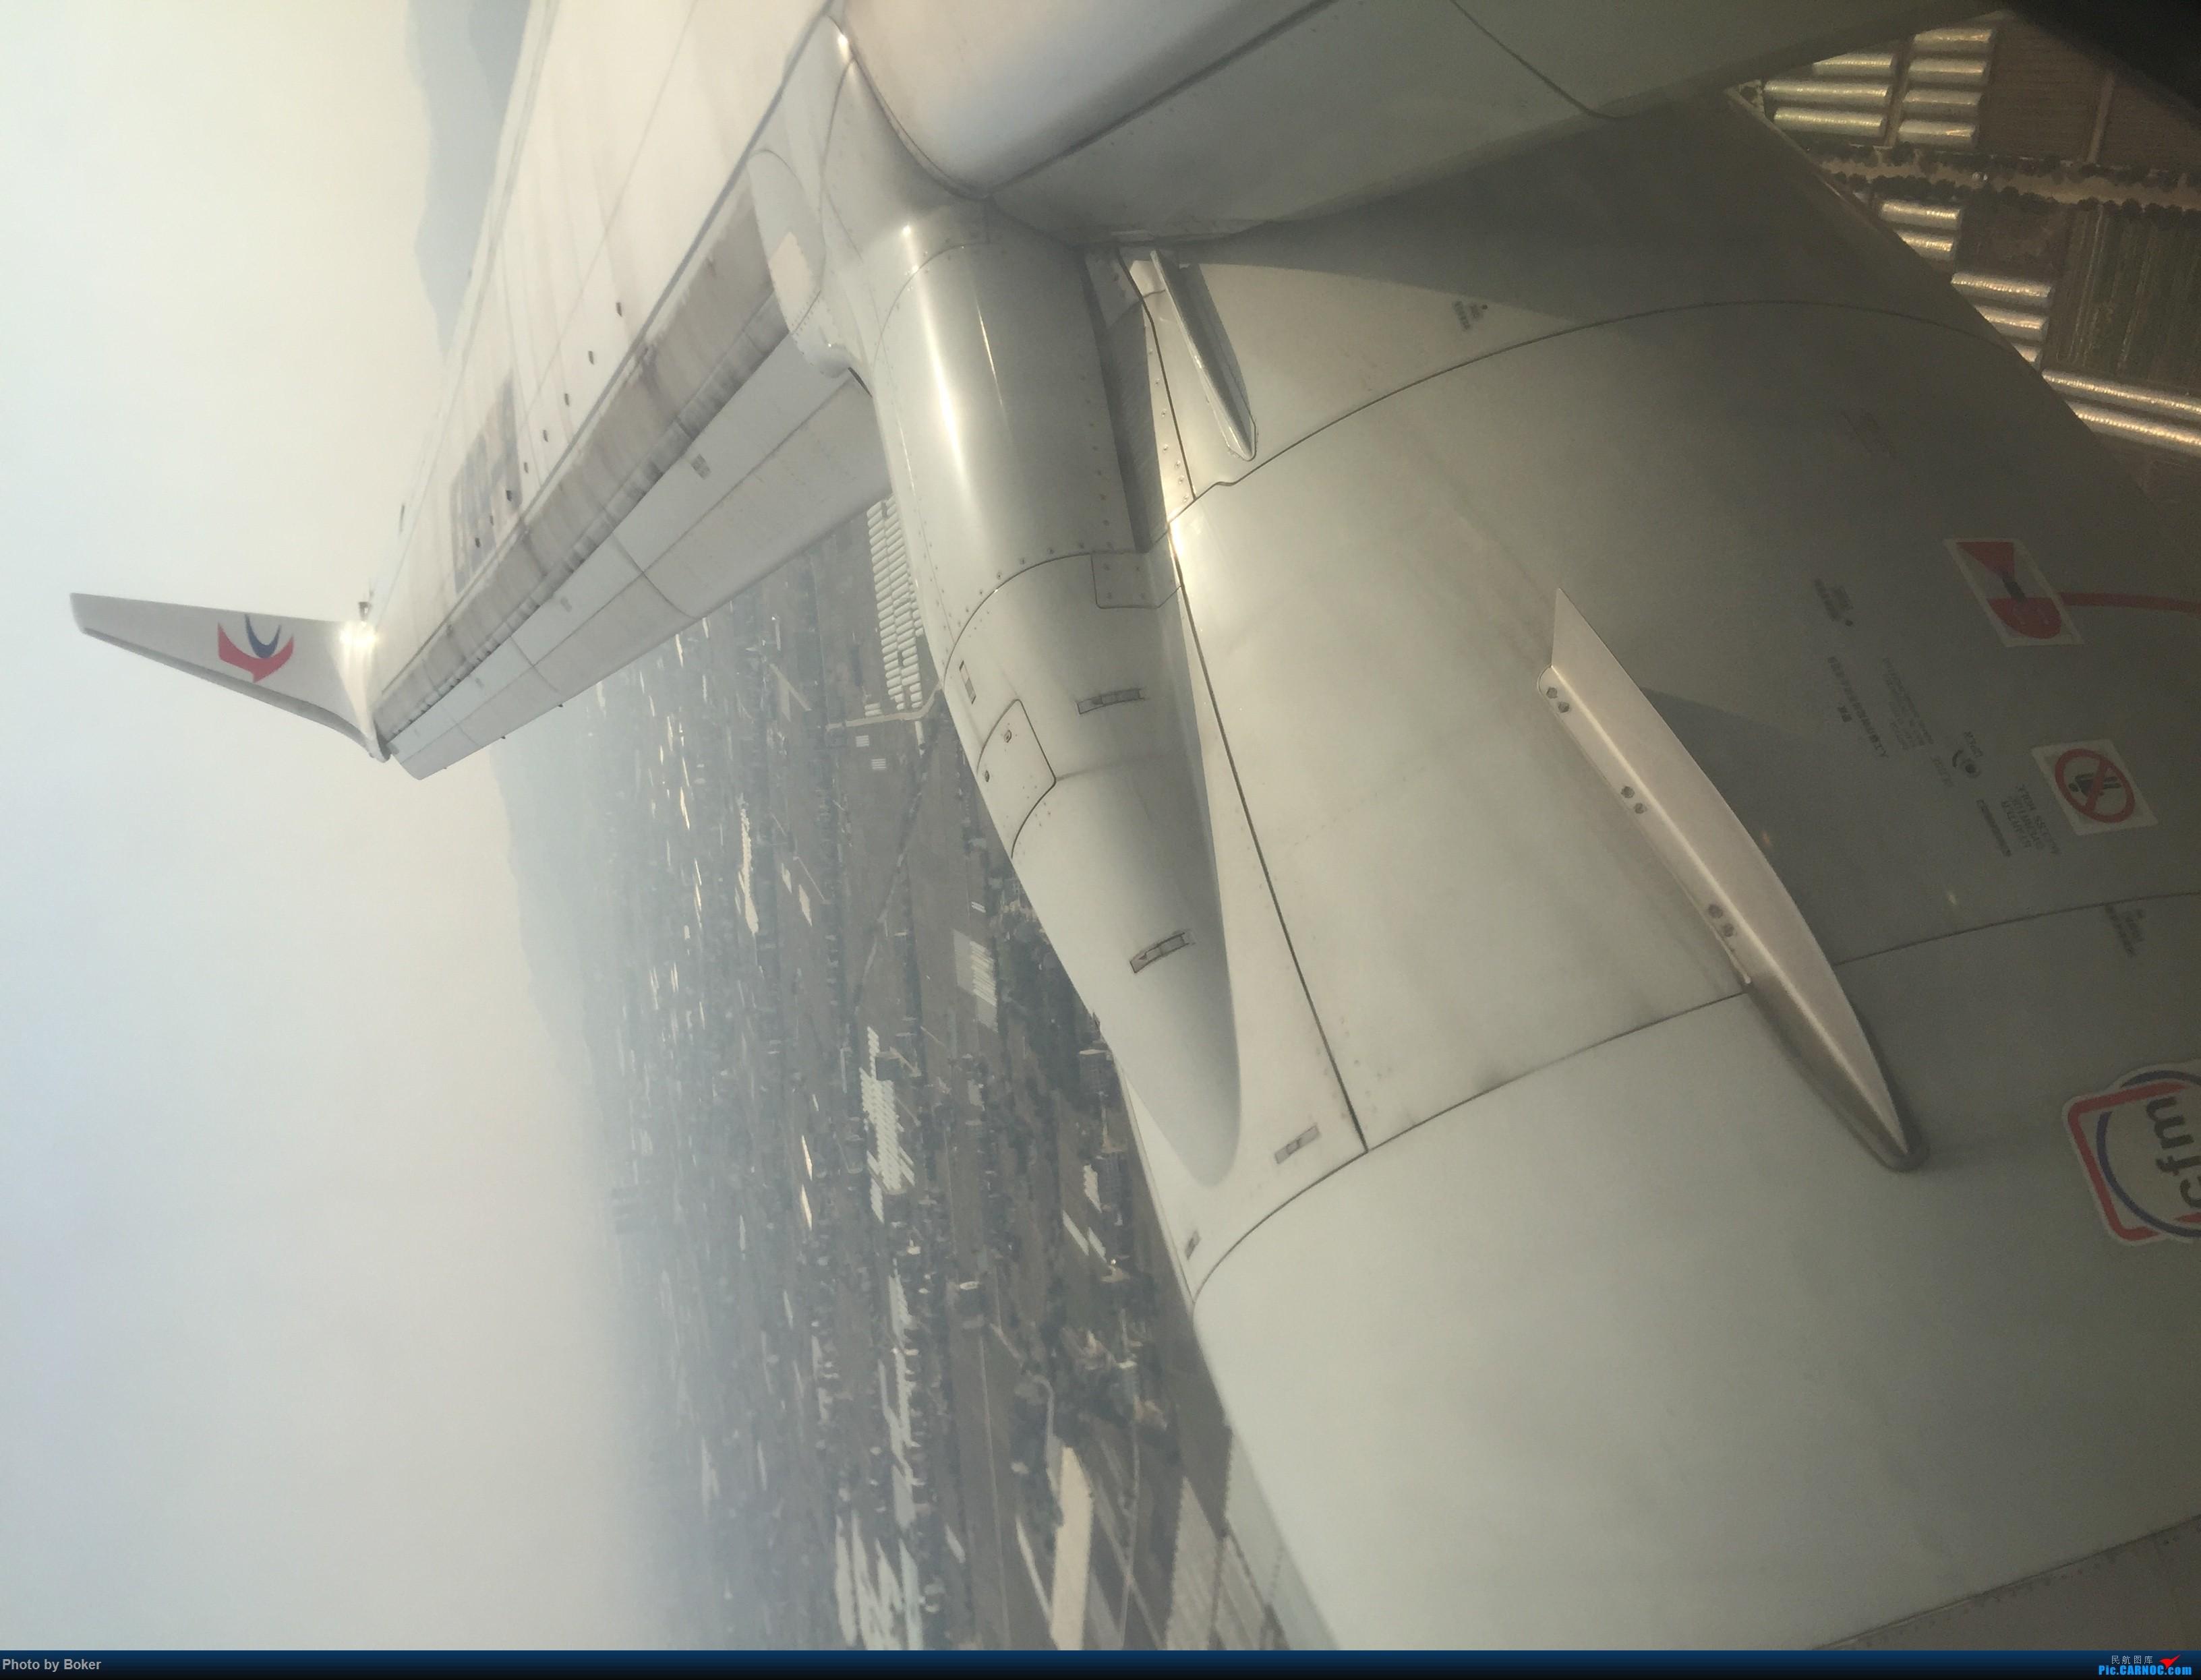 Re:[原创]「BoKer的飞行游记」新人首次发帖 中国东方航空 广州-台州